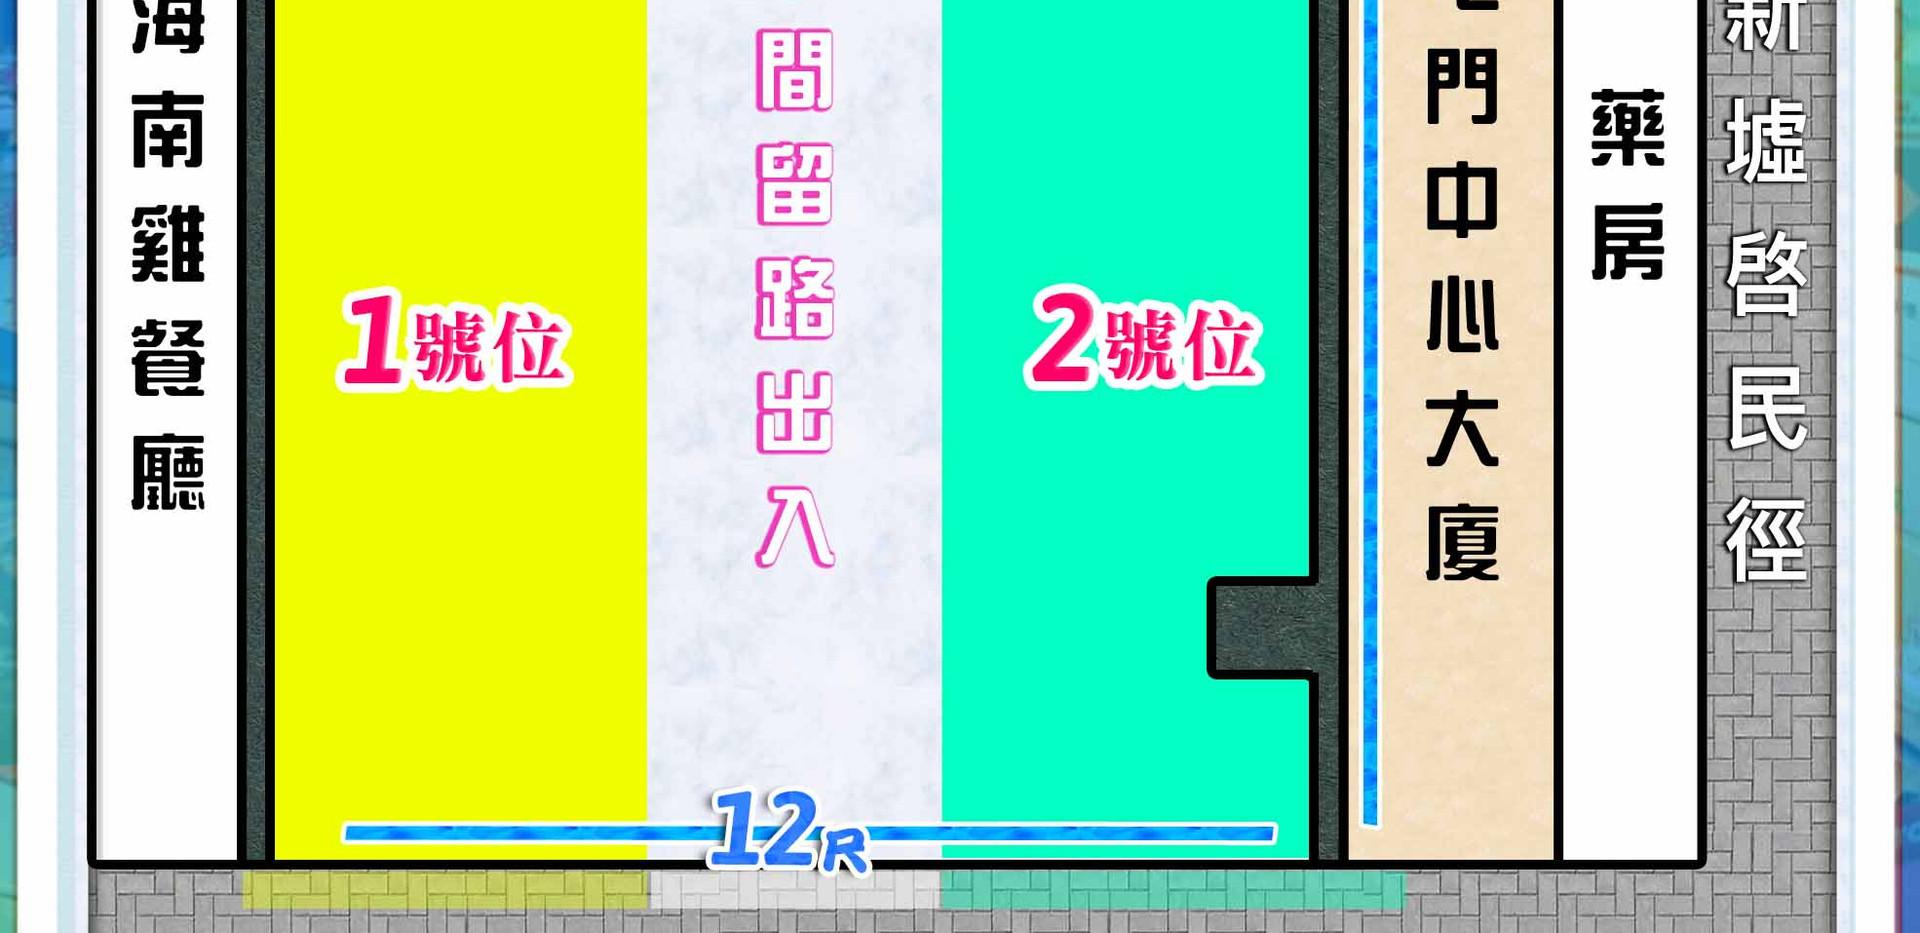 屯門仁政街33號(單邊舖)2019拷貝.jpg